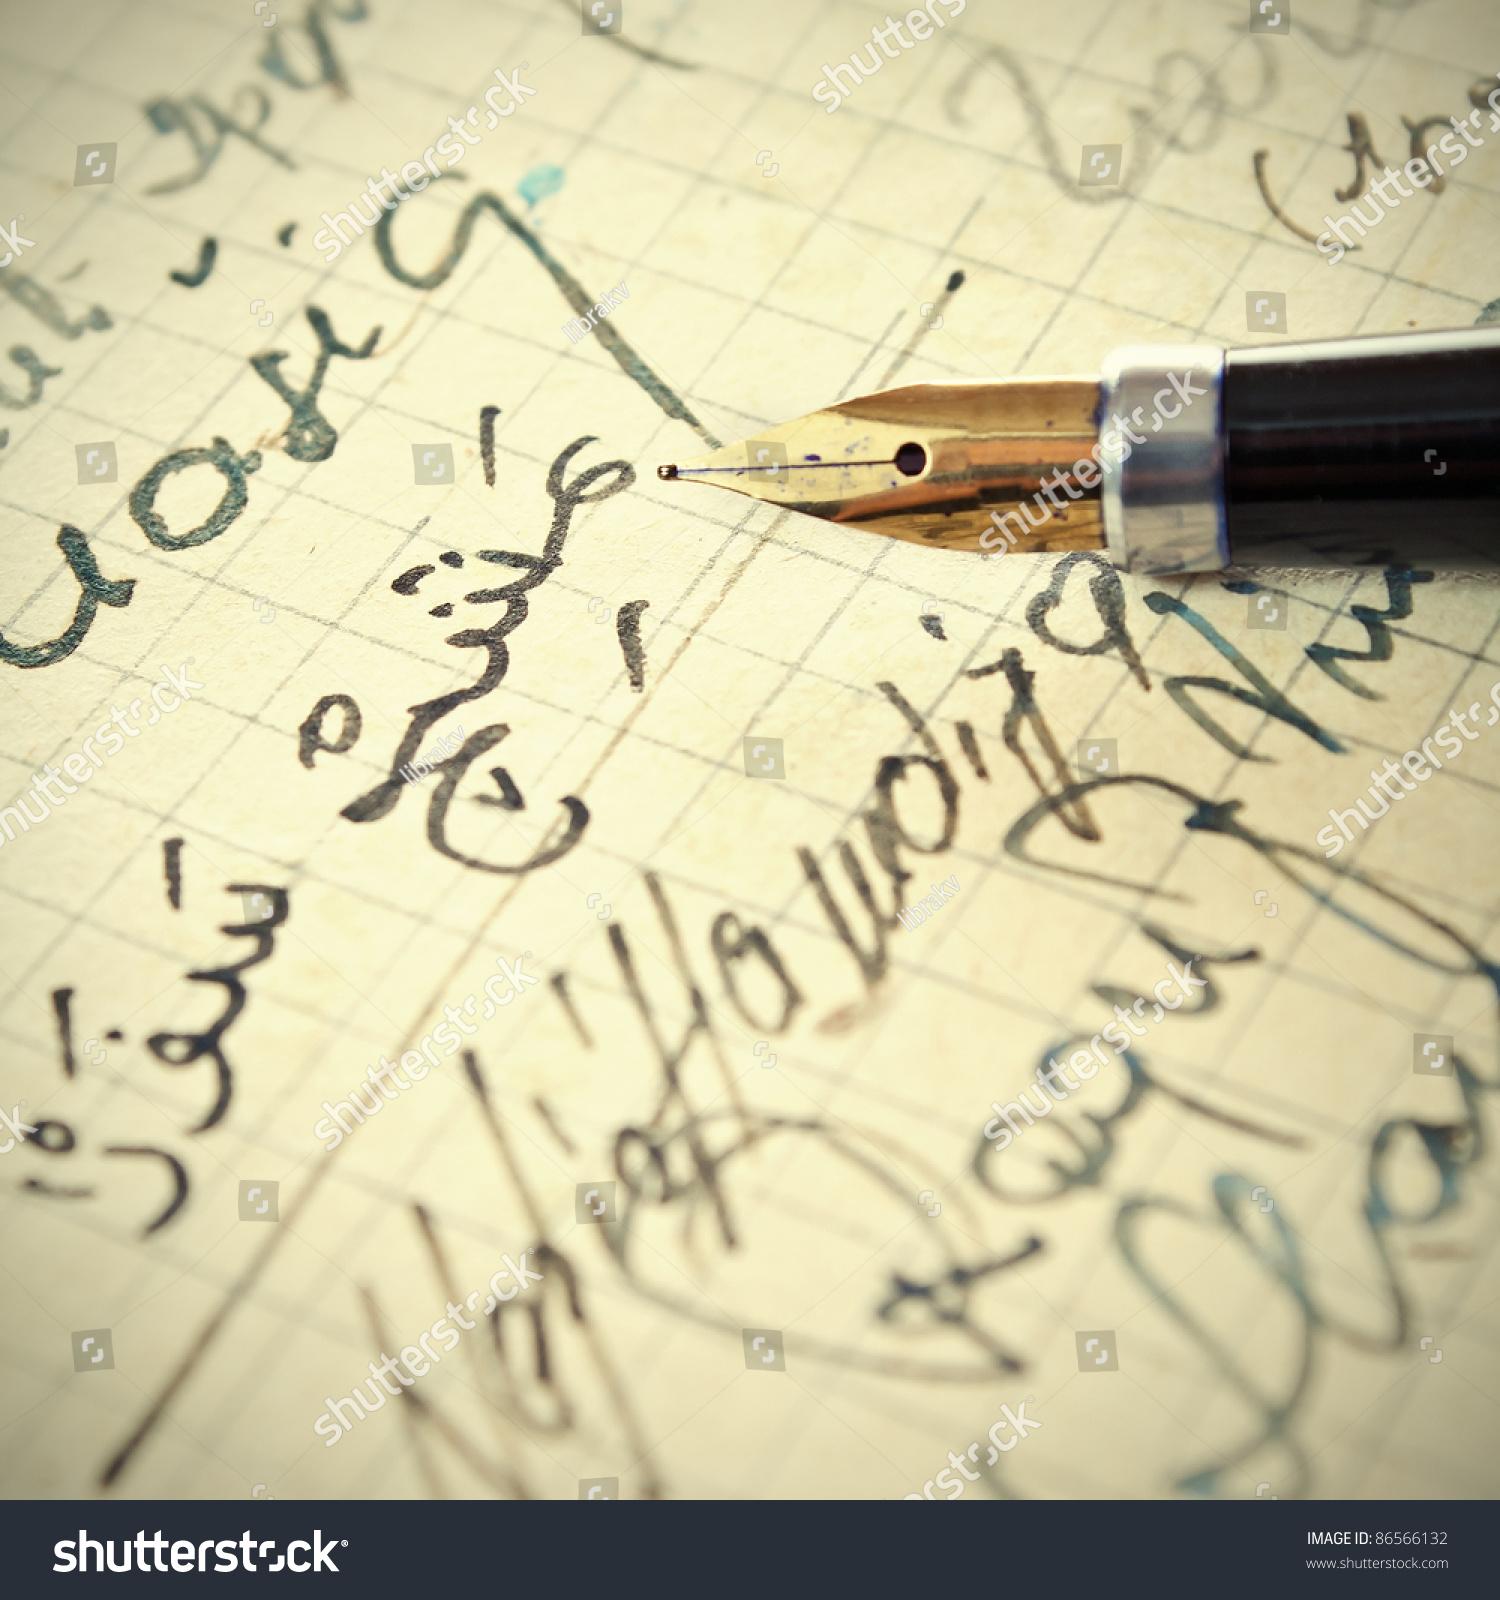 老手写阿拉伯语字母